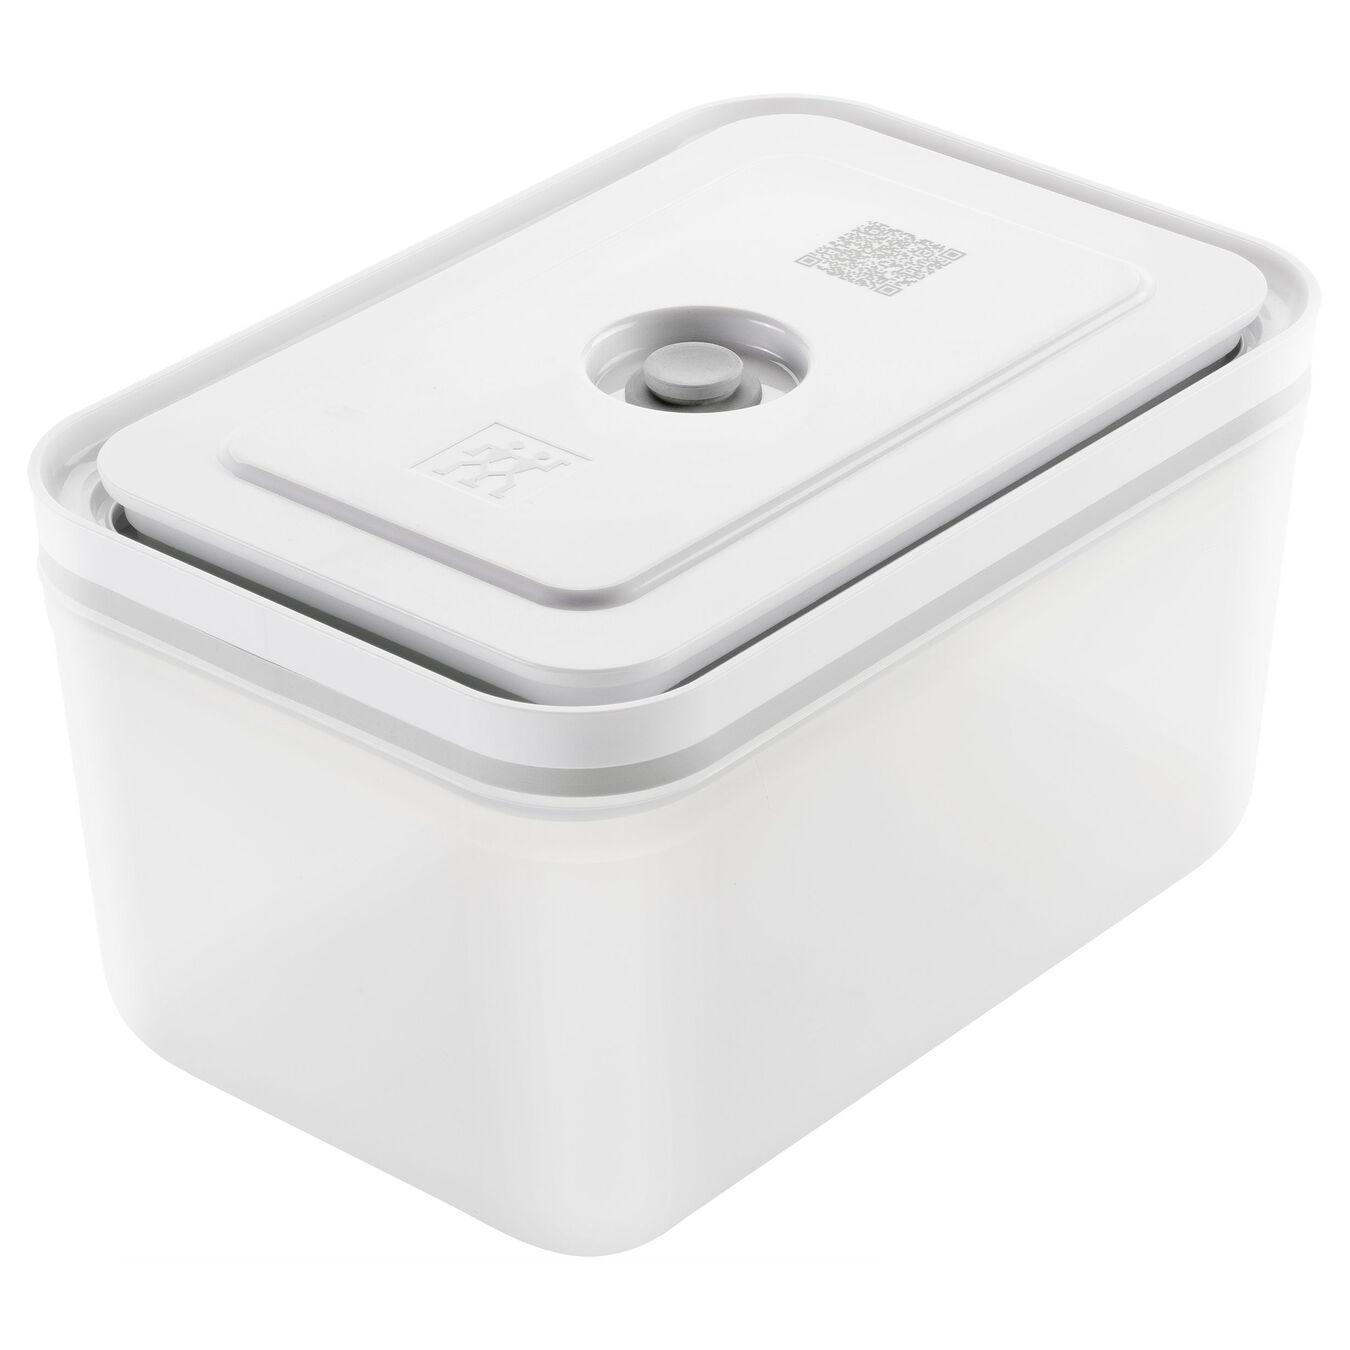 large Vacuum Container, plastic, white,,large 1